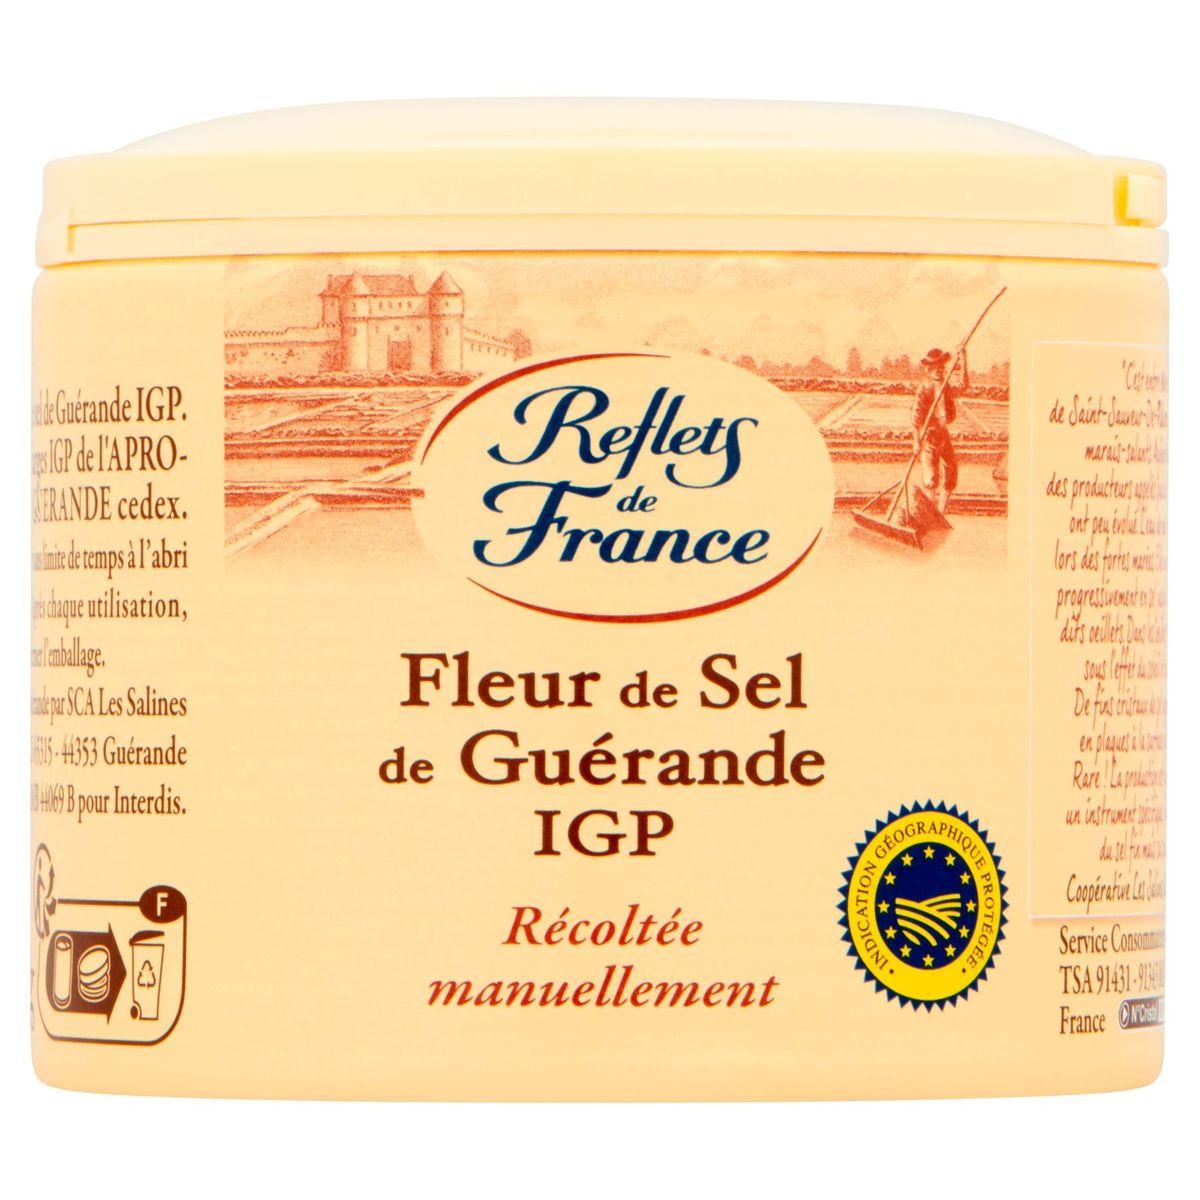 Reflets de France Fleur de Sel de Guérande IGP 140 g